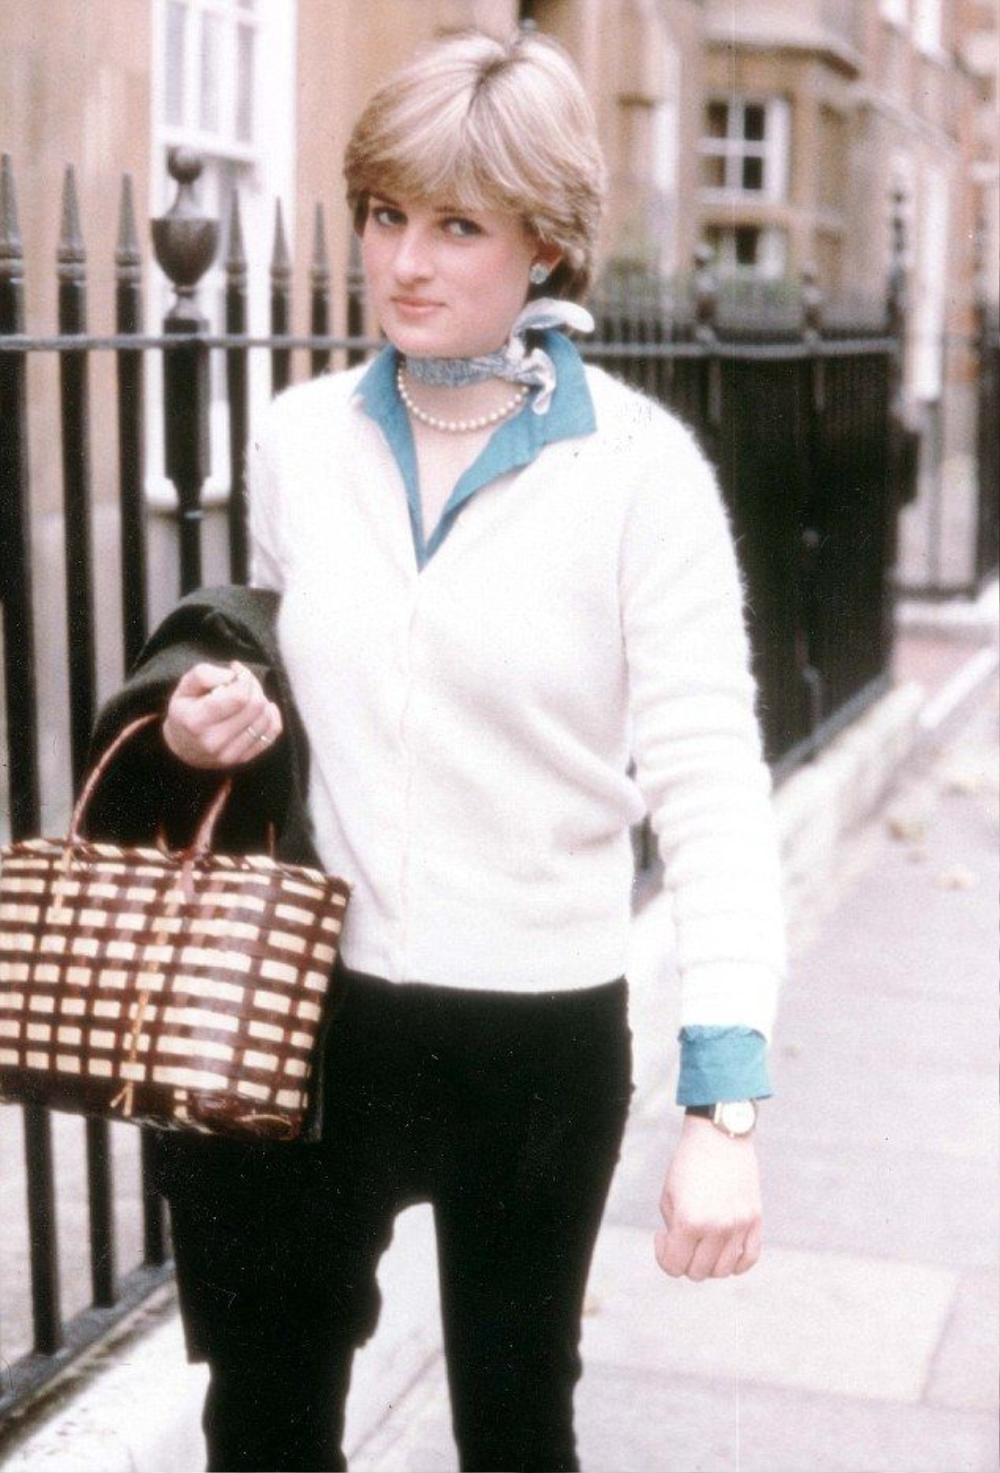 Lên đồ với khăn lụa quấn cổ chuẩn tiểu thư Pháp như Emily in Paris Ảnh 2